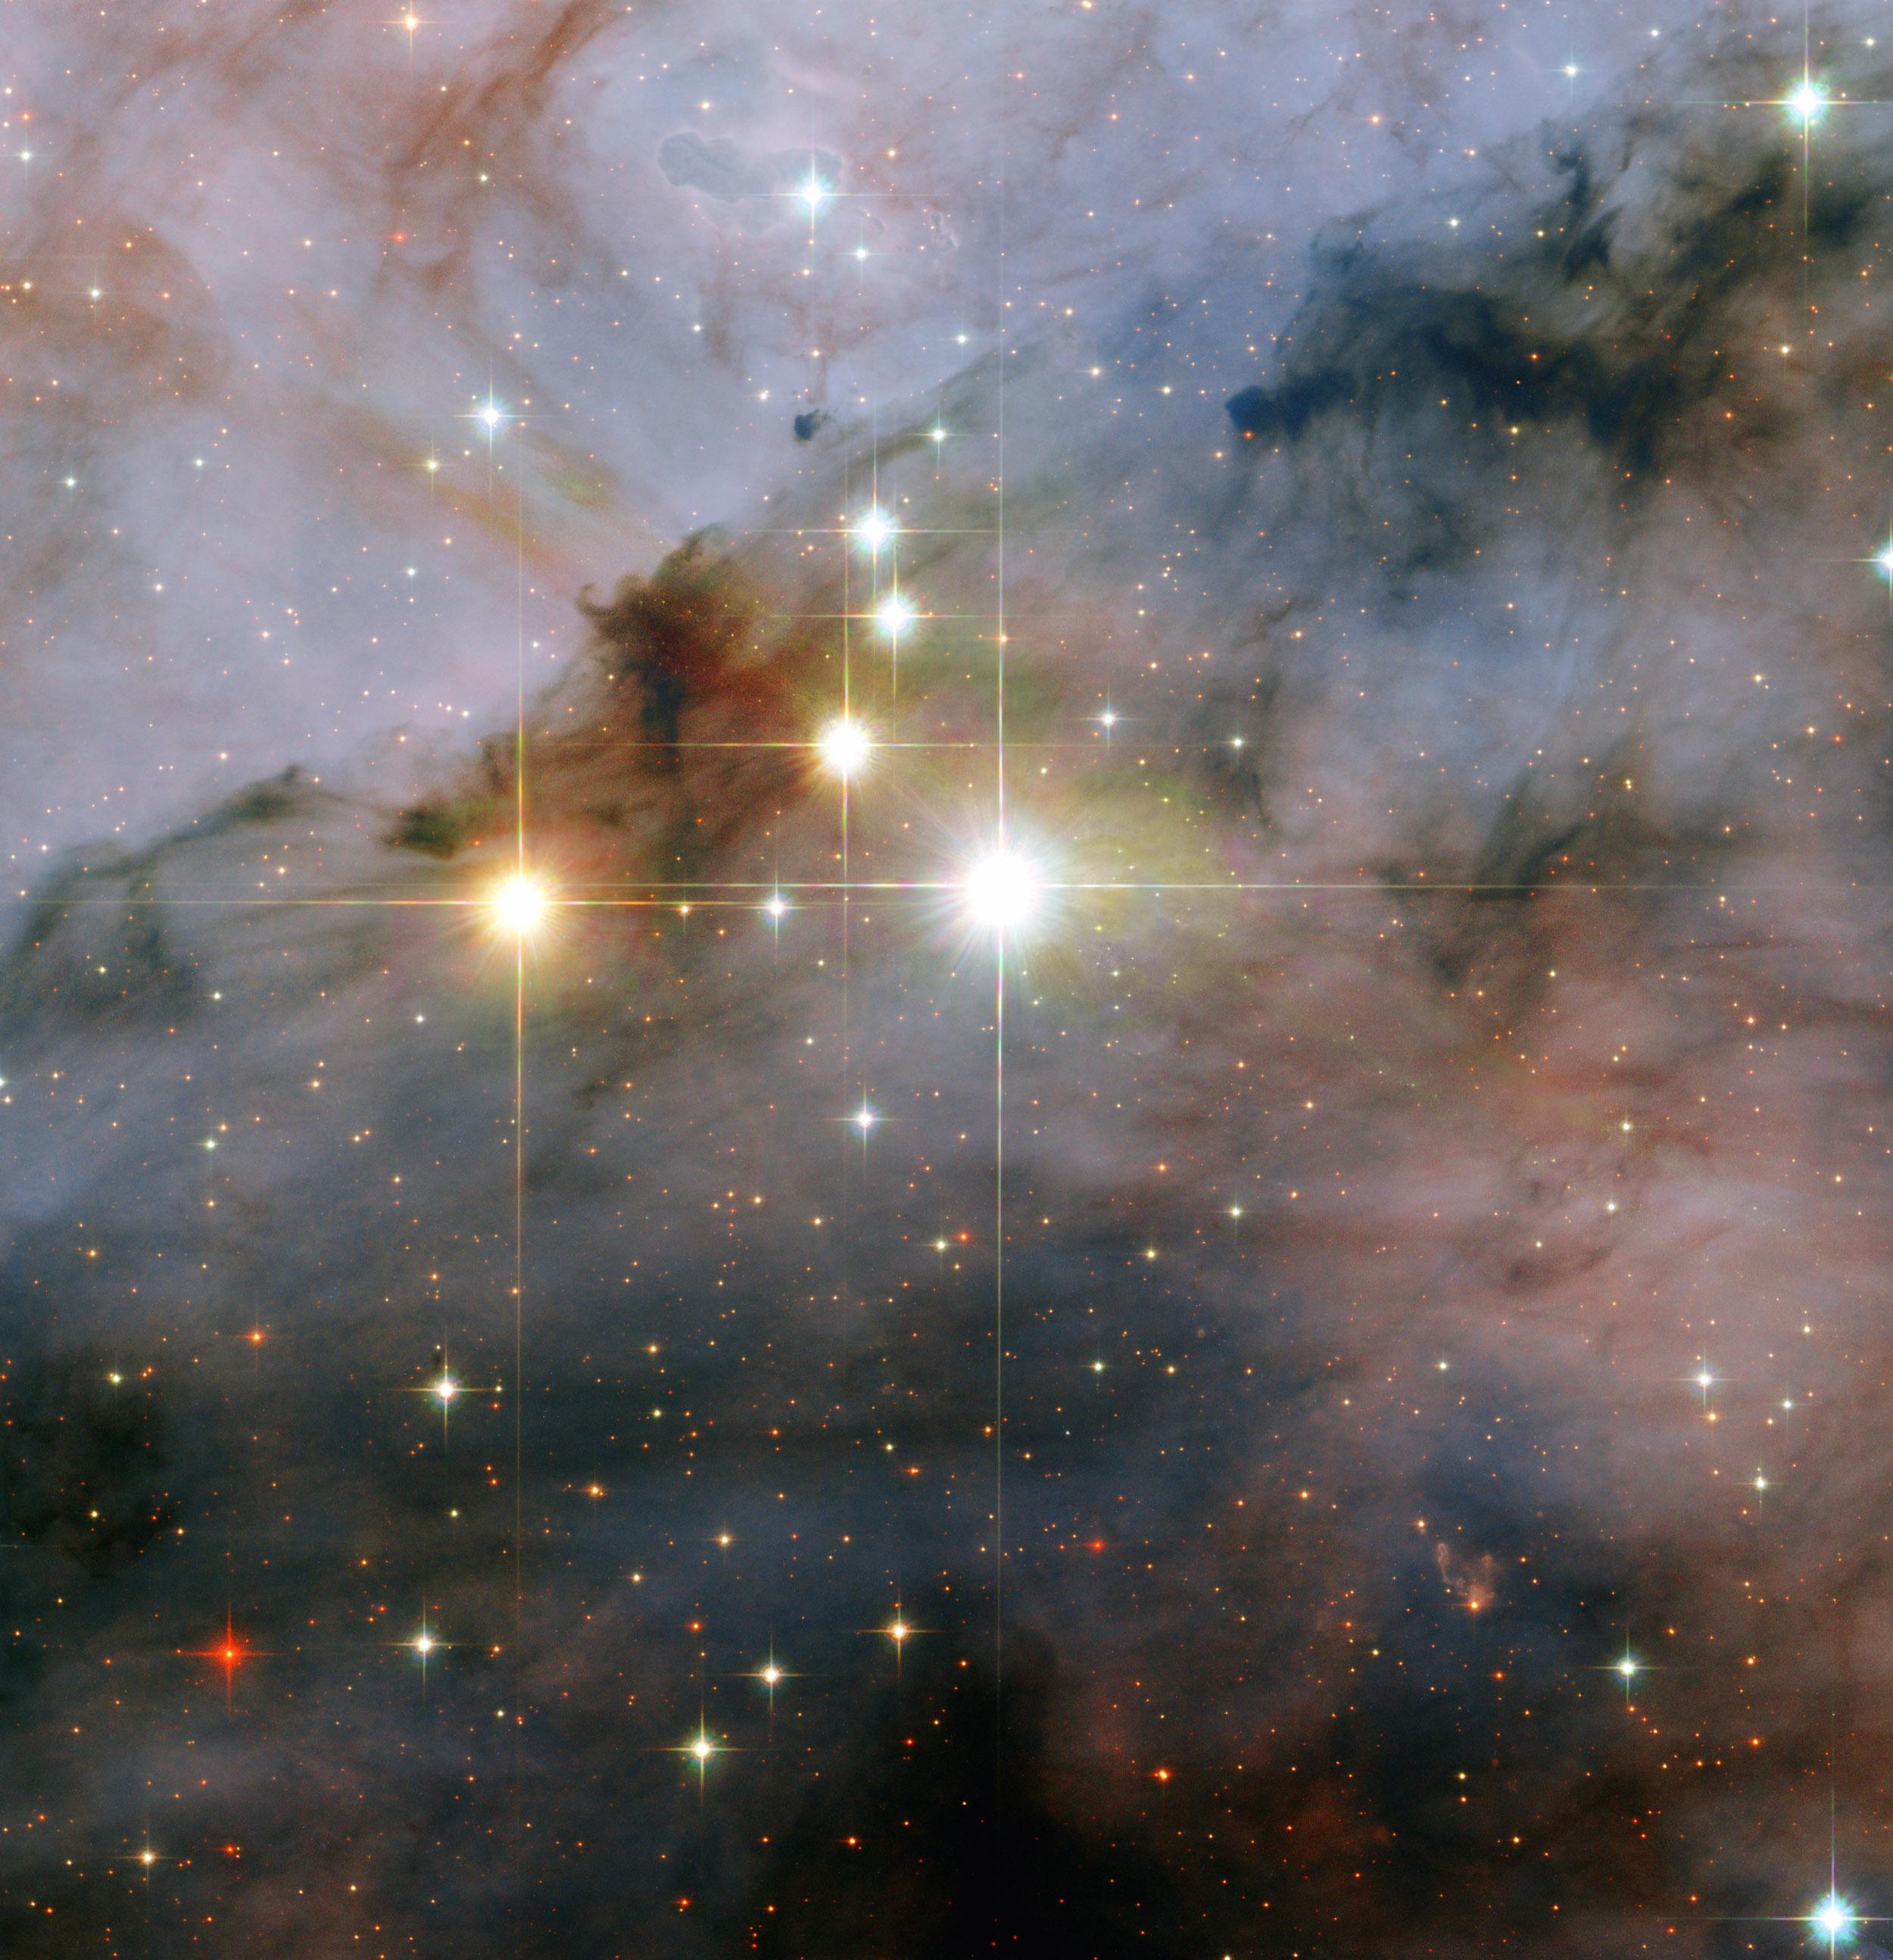 Todo lo que quieras saber sobre las estrellas (universo)